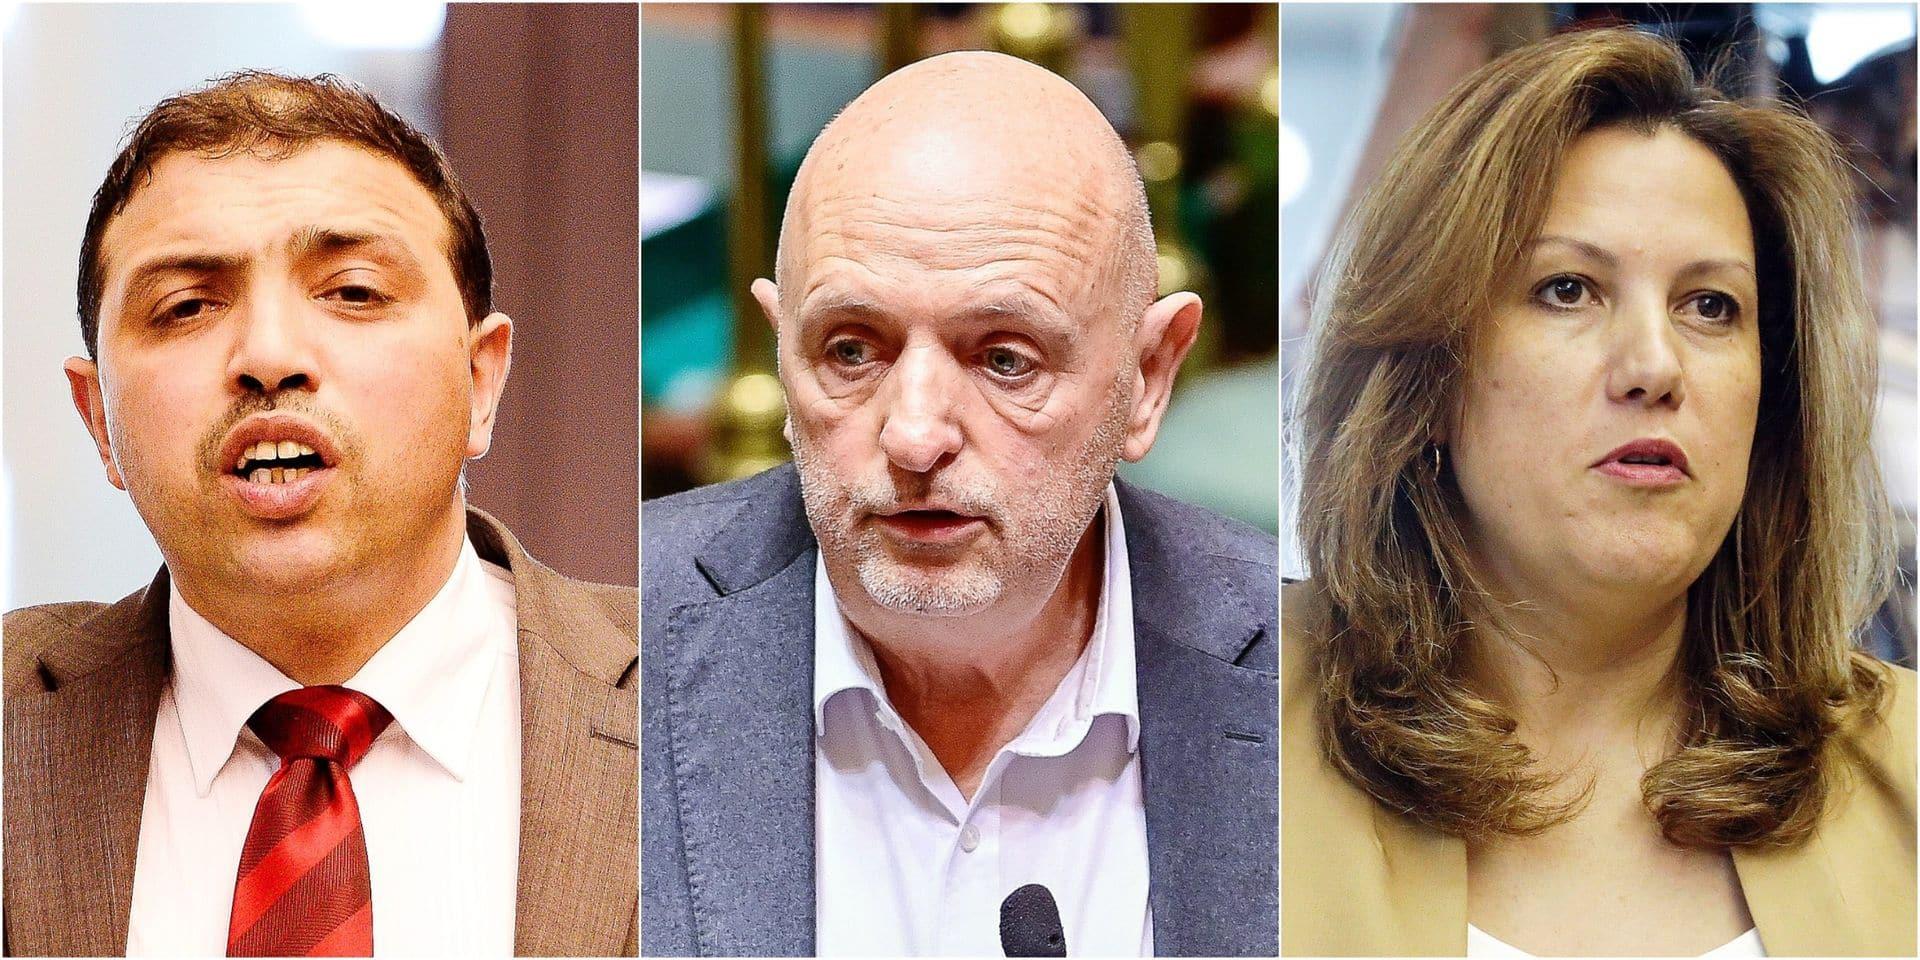 L'ex-député bruxellois Ahmed El Khannouss (G) dénonce l'accumulation des dérapages de Georges Dallemagne. La députée bruxelloise Véronique Lefrancq (D) assure, elle, ne pas demander la tête de son collègue du fédéral.